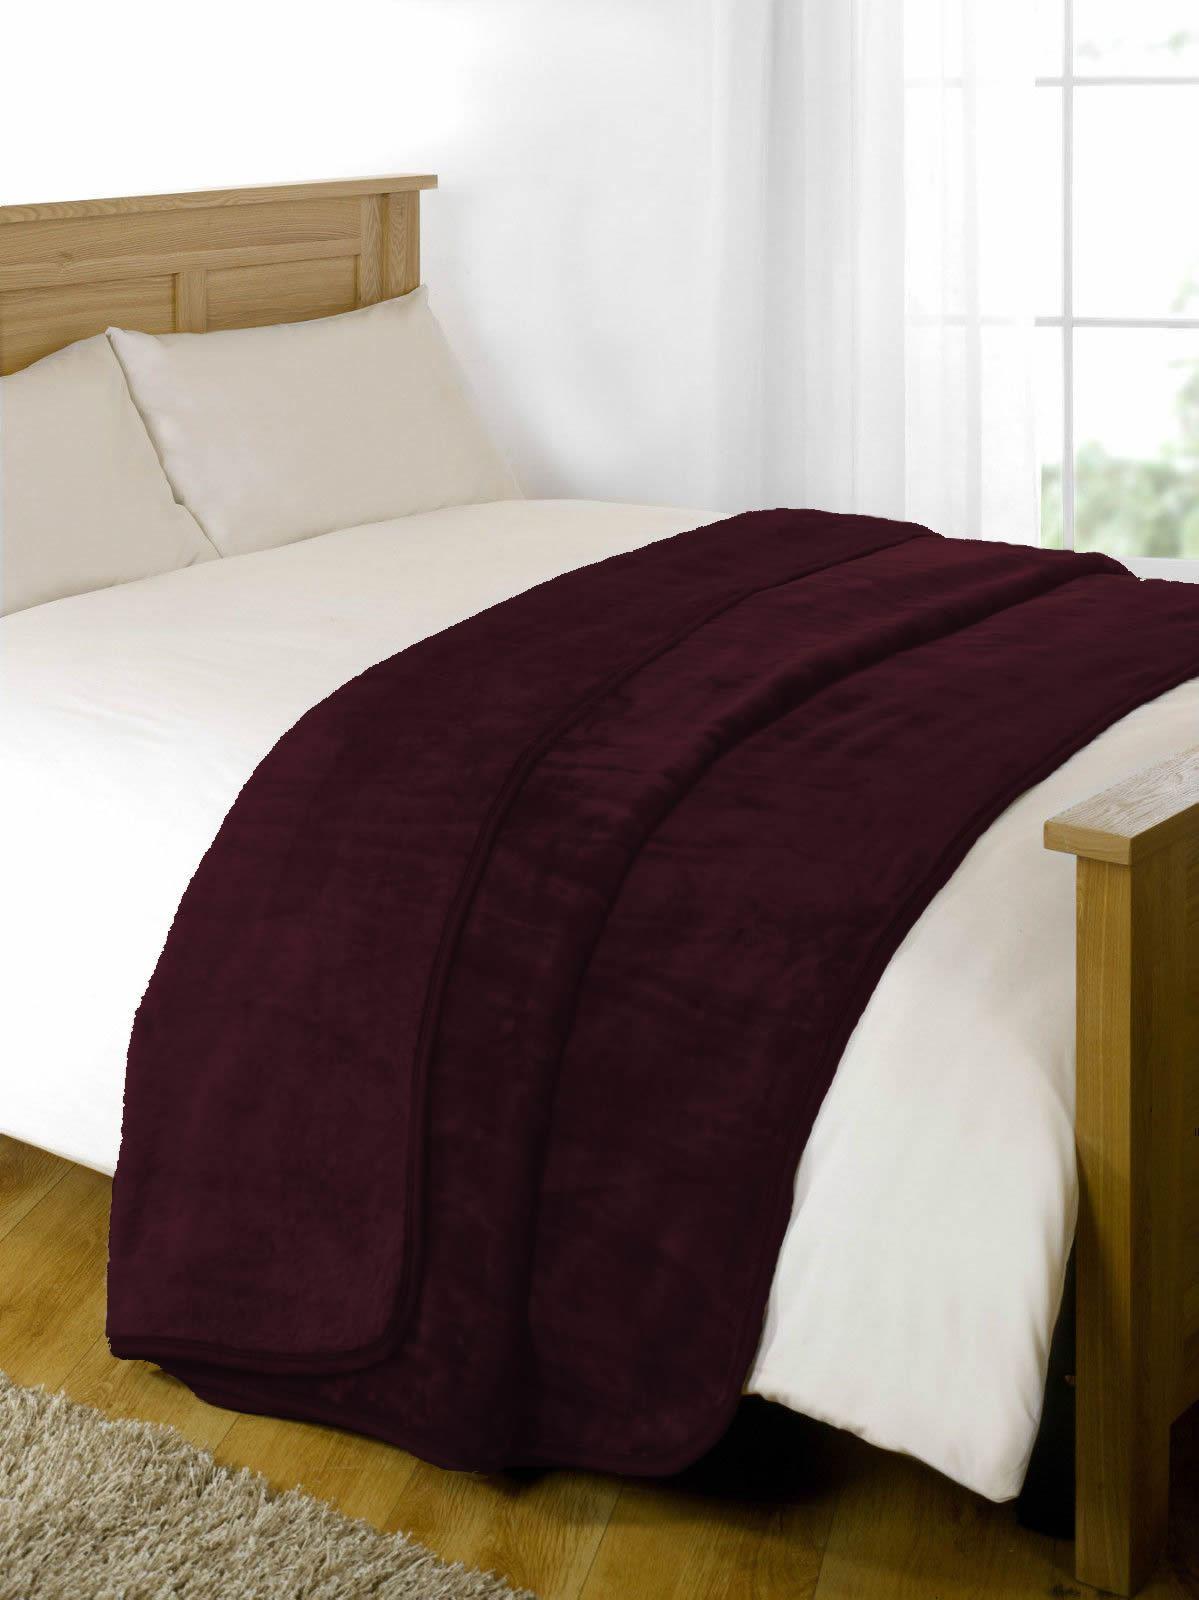 X Large Faux Fur Blanket Luxury Soft Mink Fleece Throw